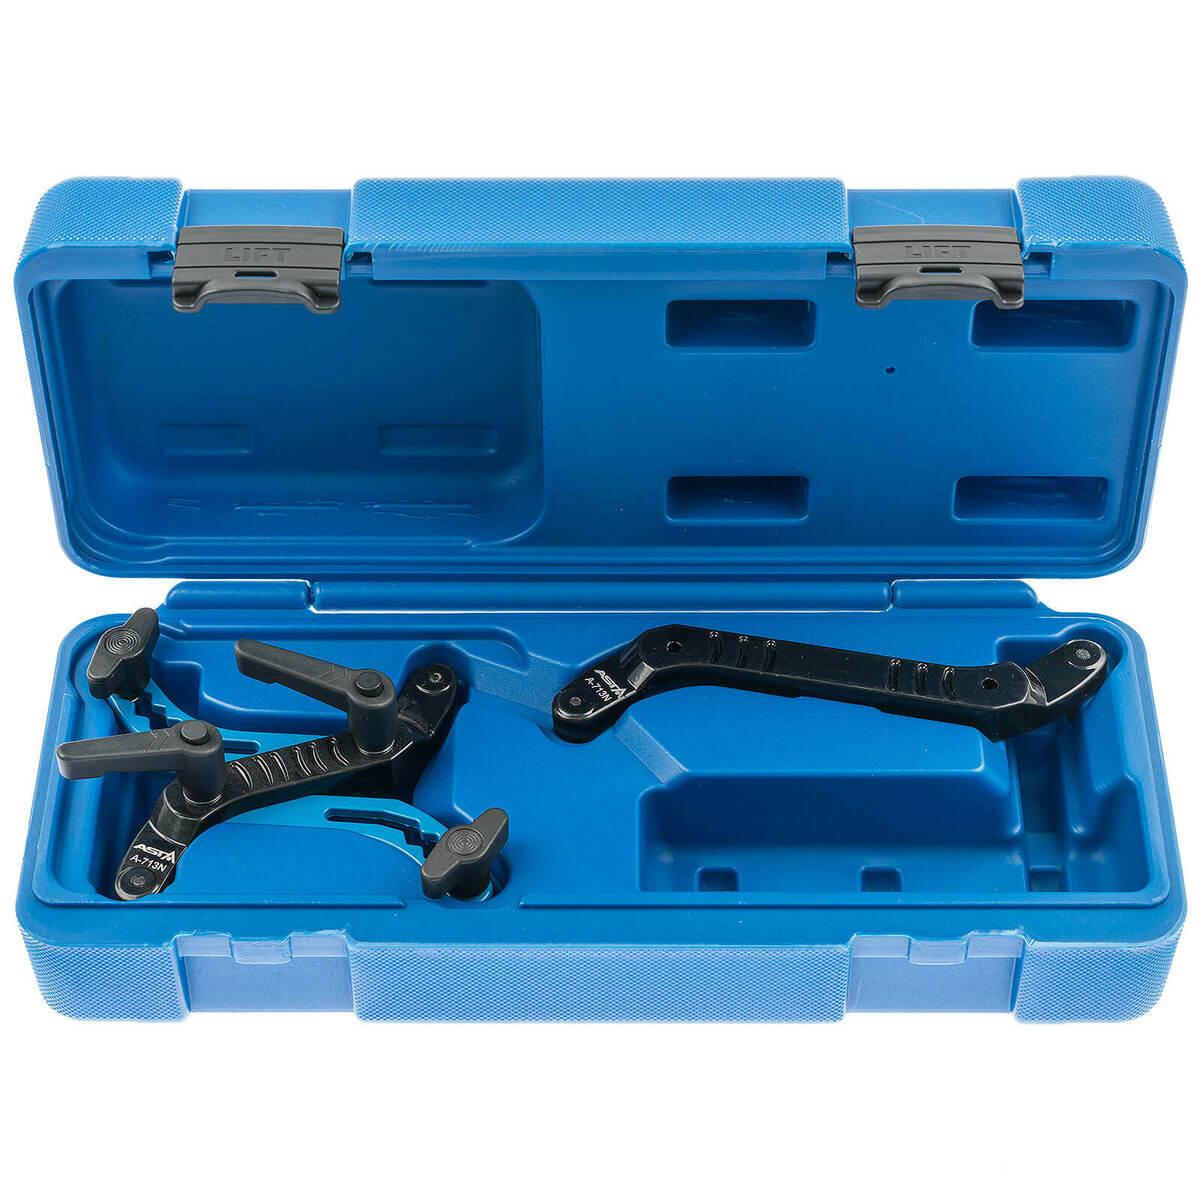 Aretace vačkových hřídelí DOHC, univerzální, benzín a diesel